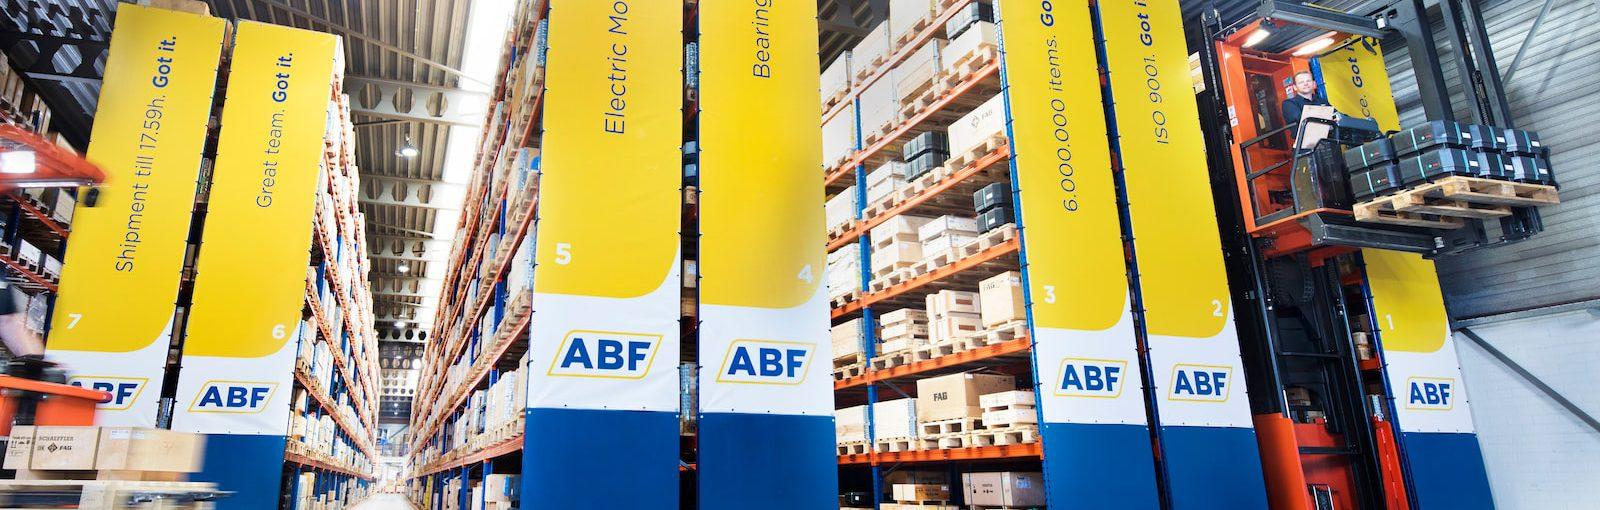 abf-bearings-erp-groothandels-wholesale-distribution2